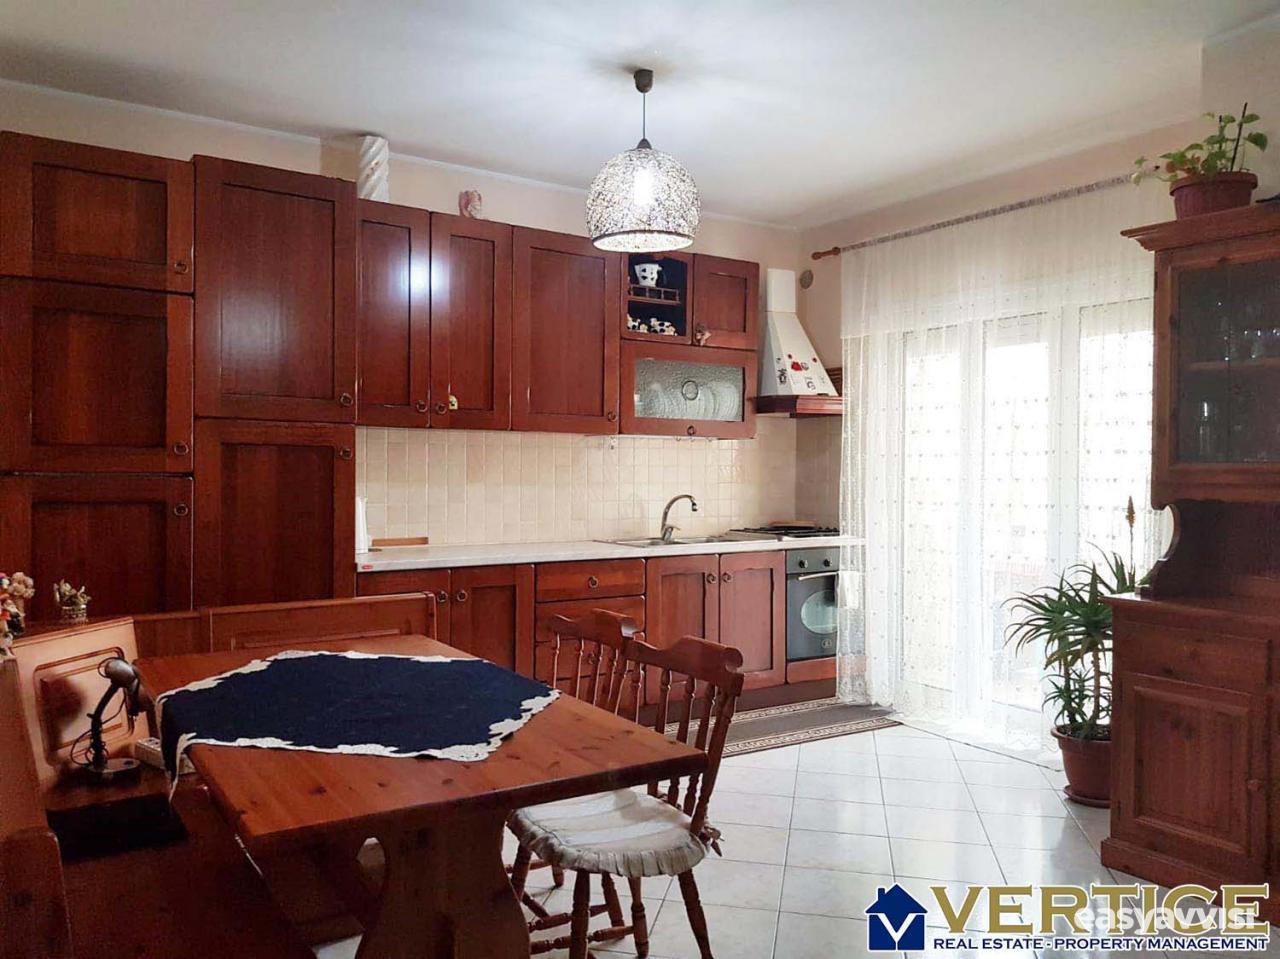 Appartamento 72 mq arredato, provincia di latina